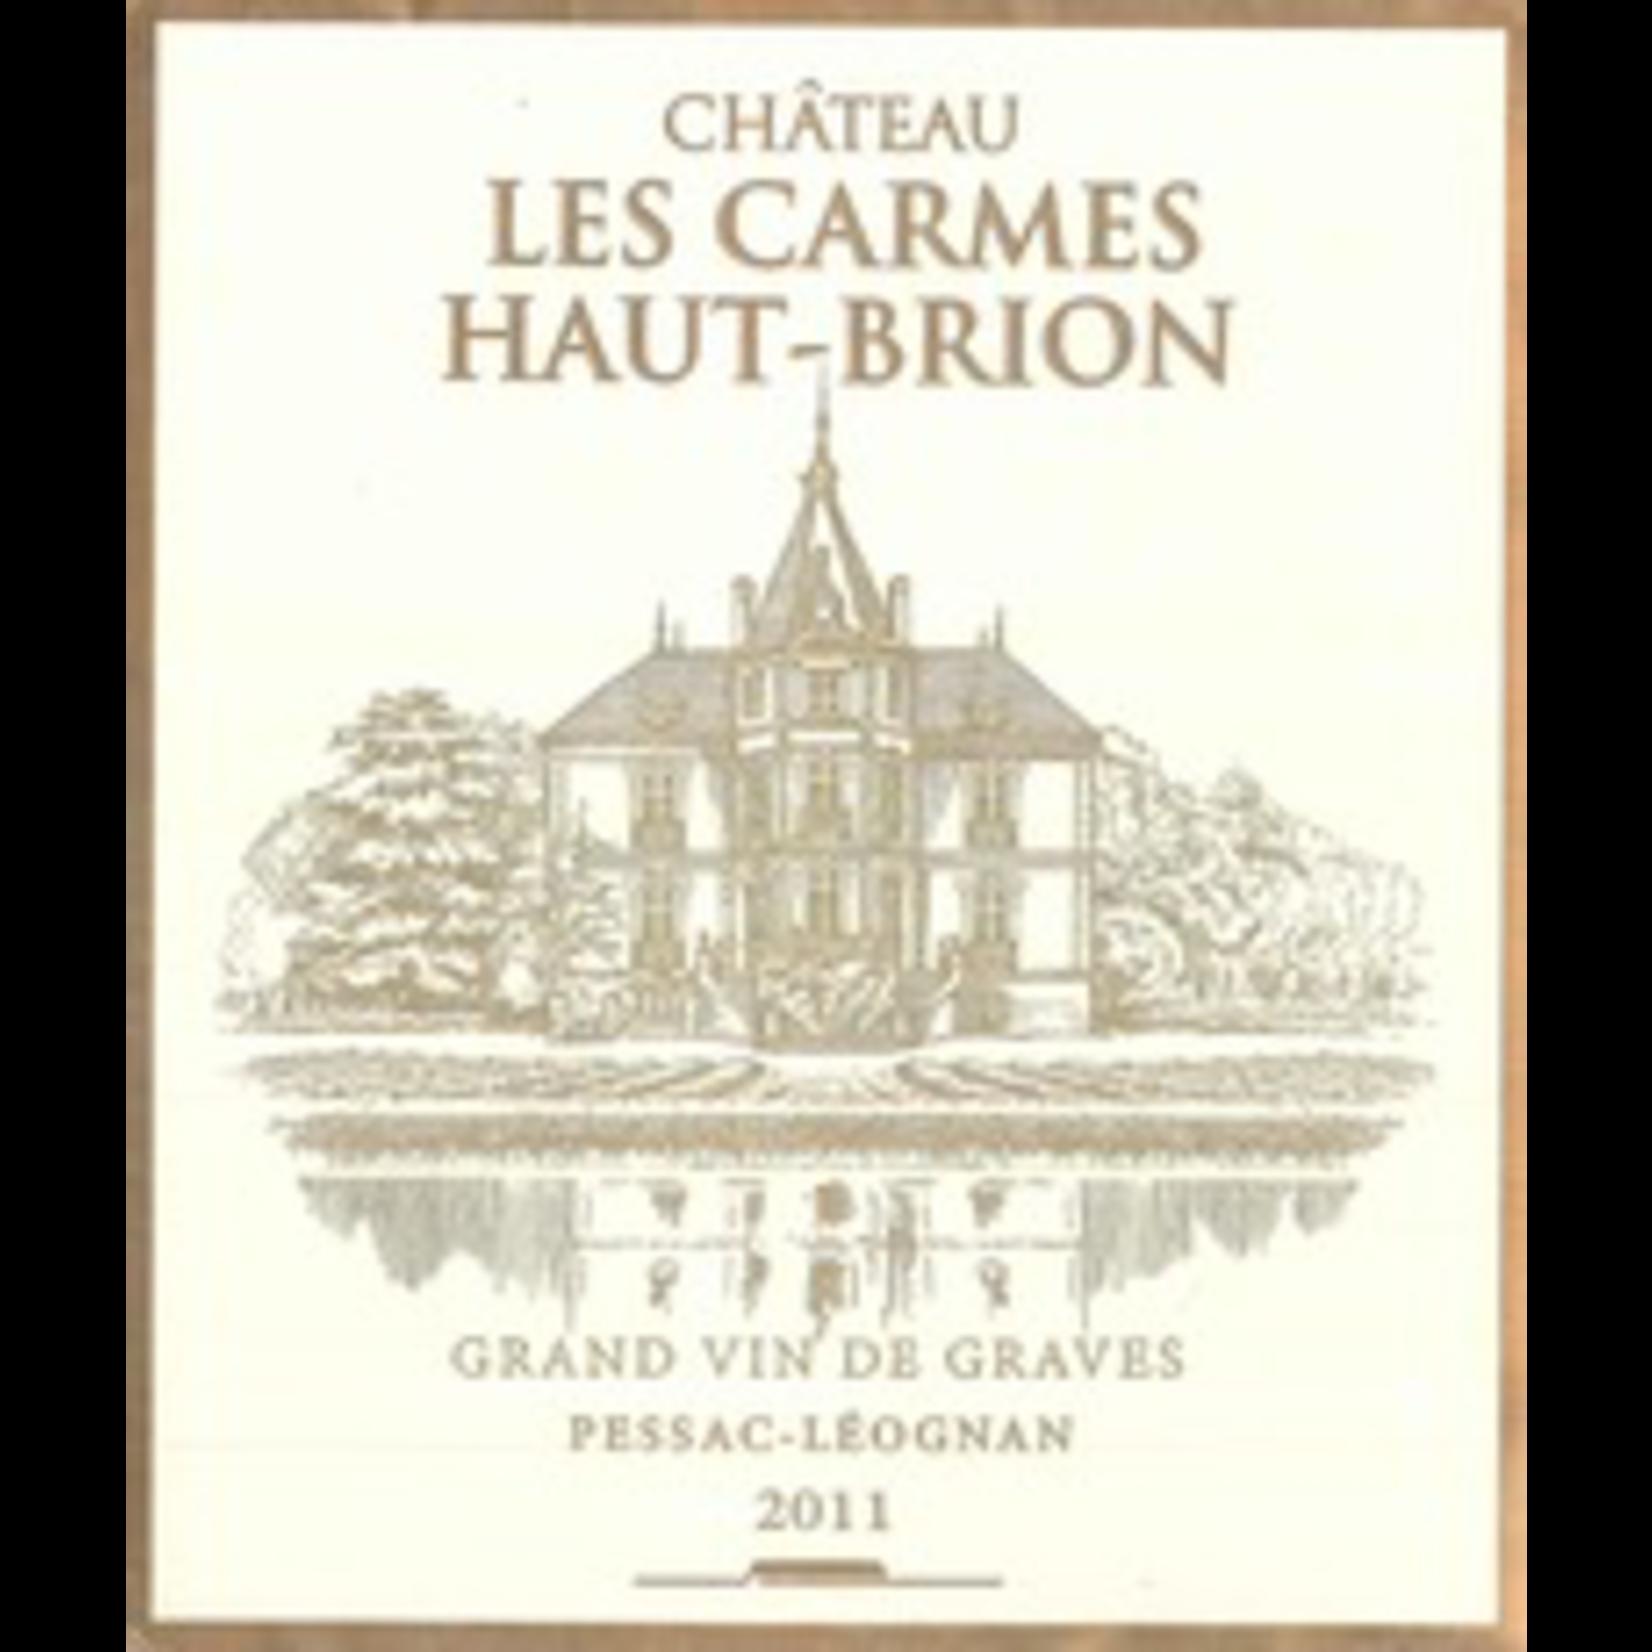 Wine Chateau Les Carmes Haut Brion 2011